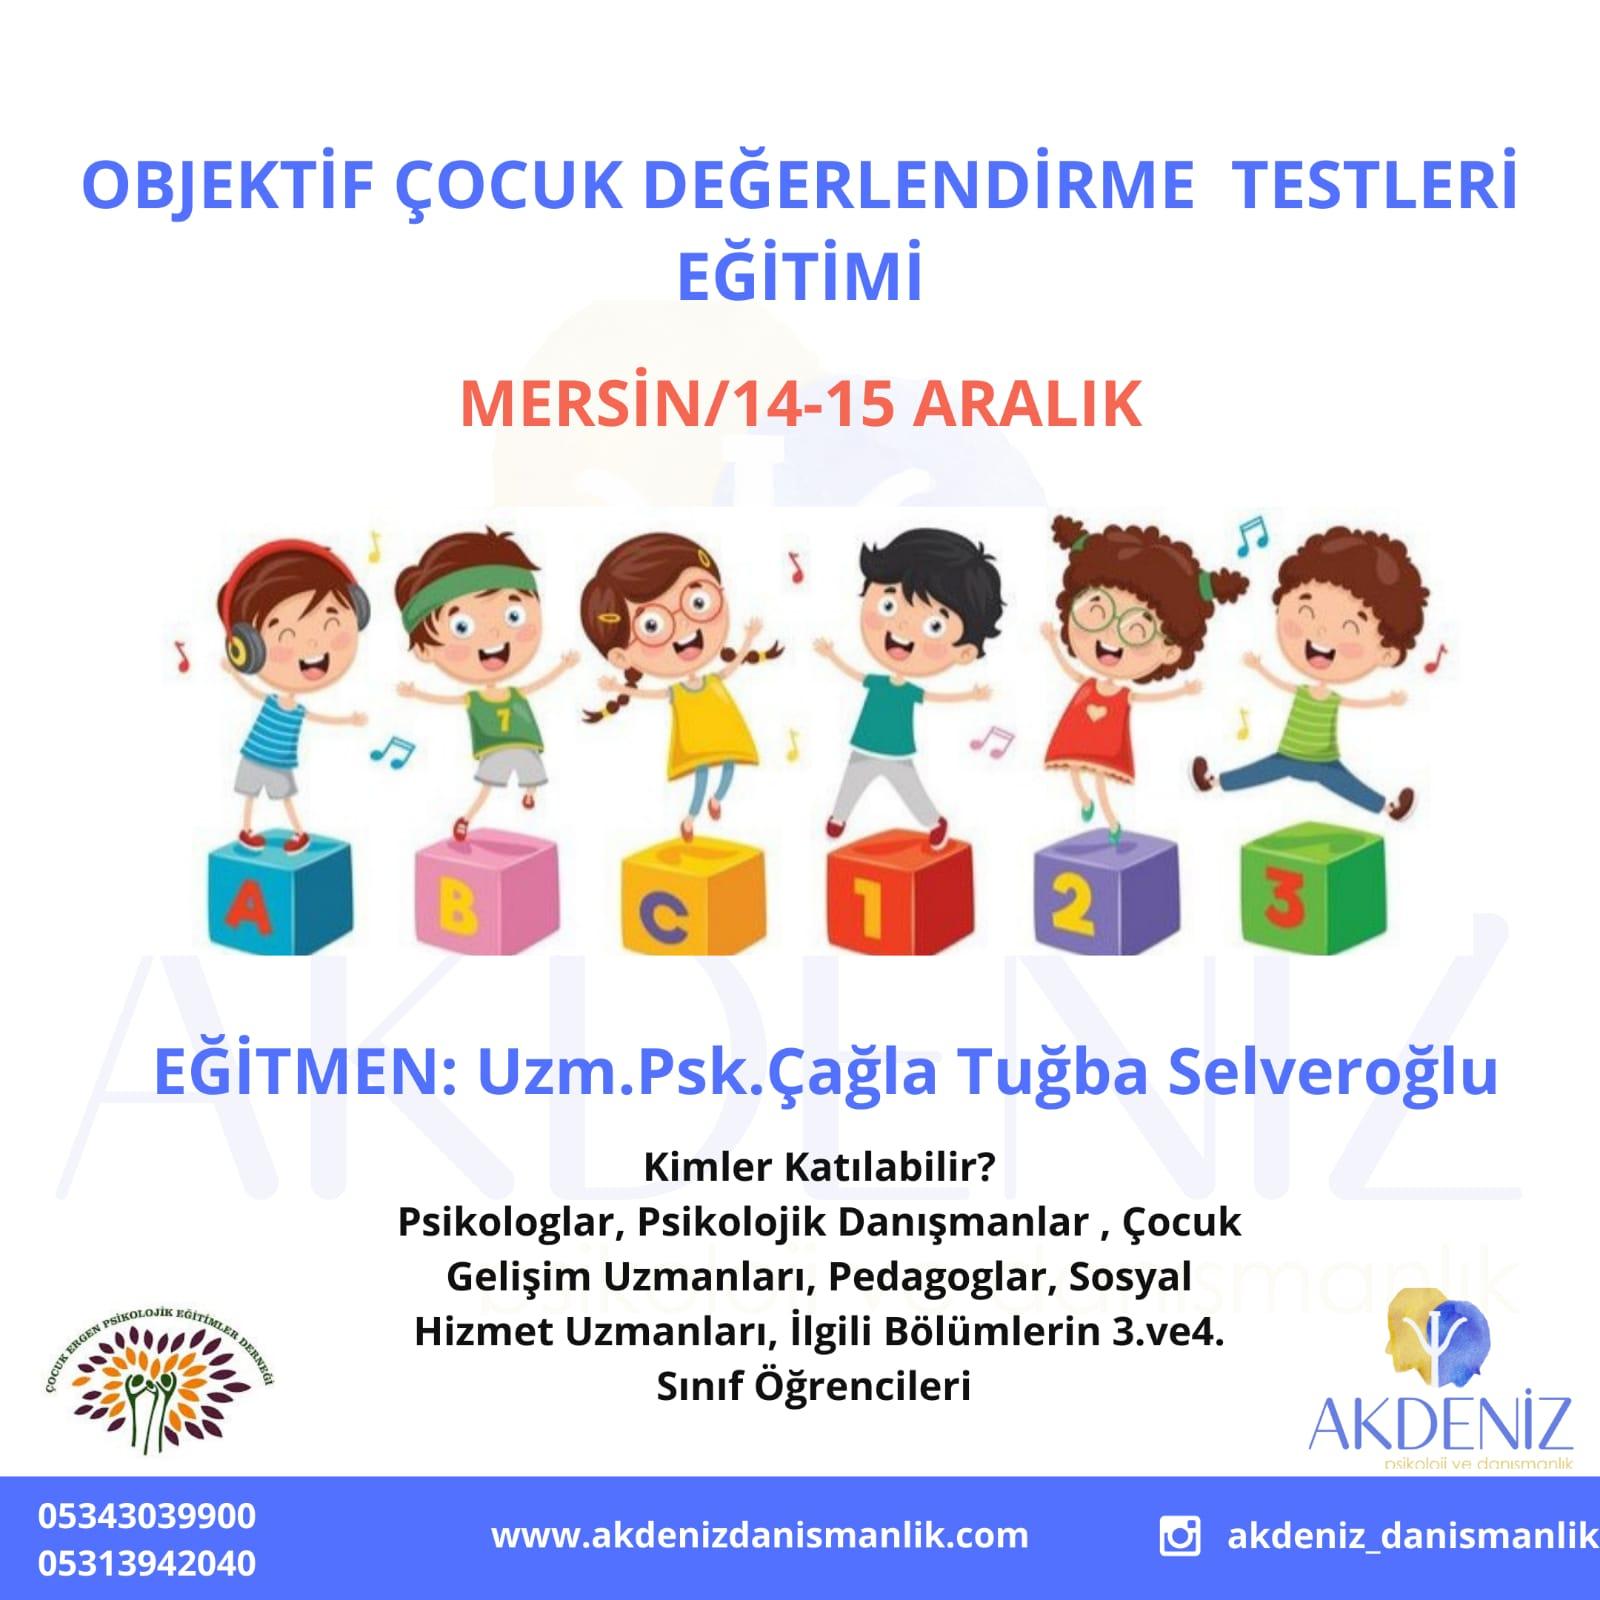 Objektif Çocuk Değerlendirme Testleri Eğitimi